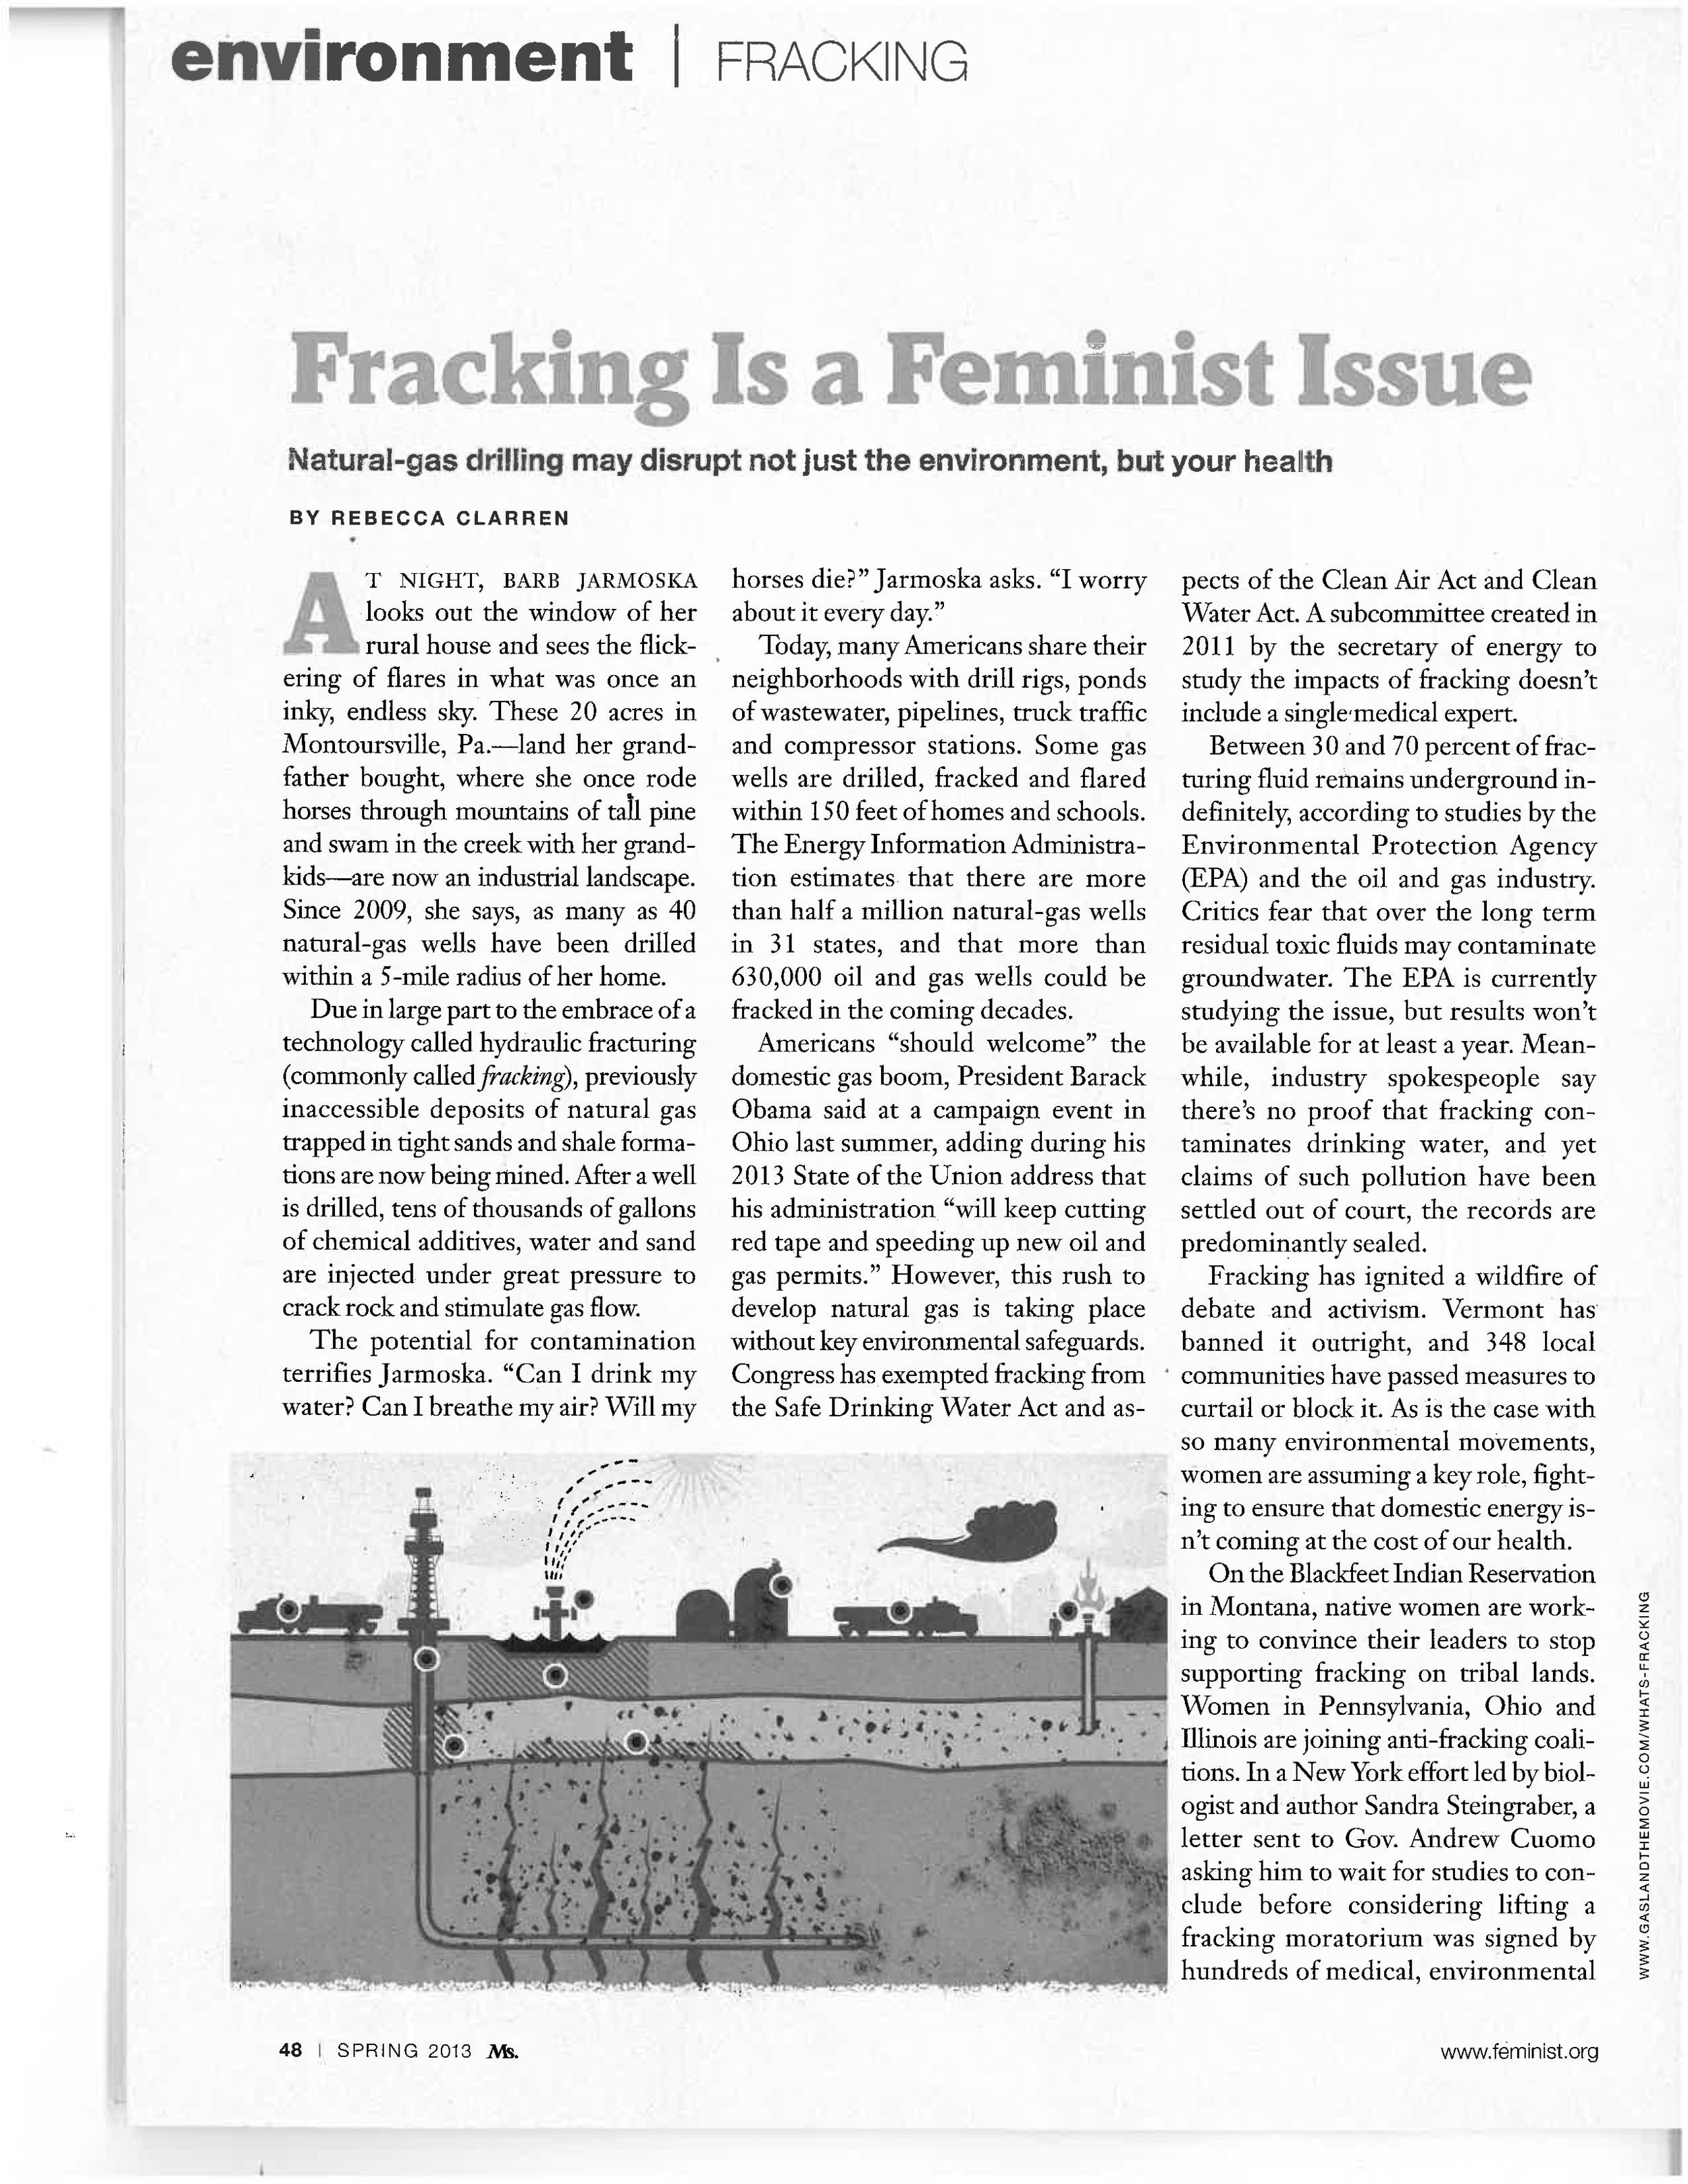 FrackingPt1.png